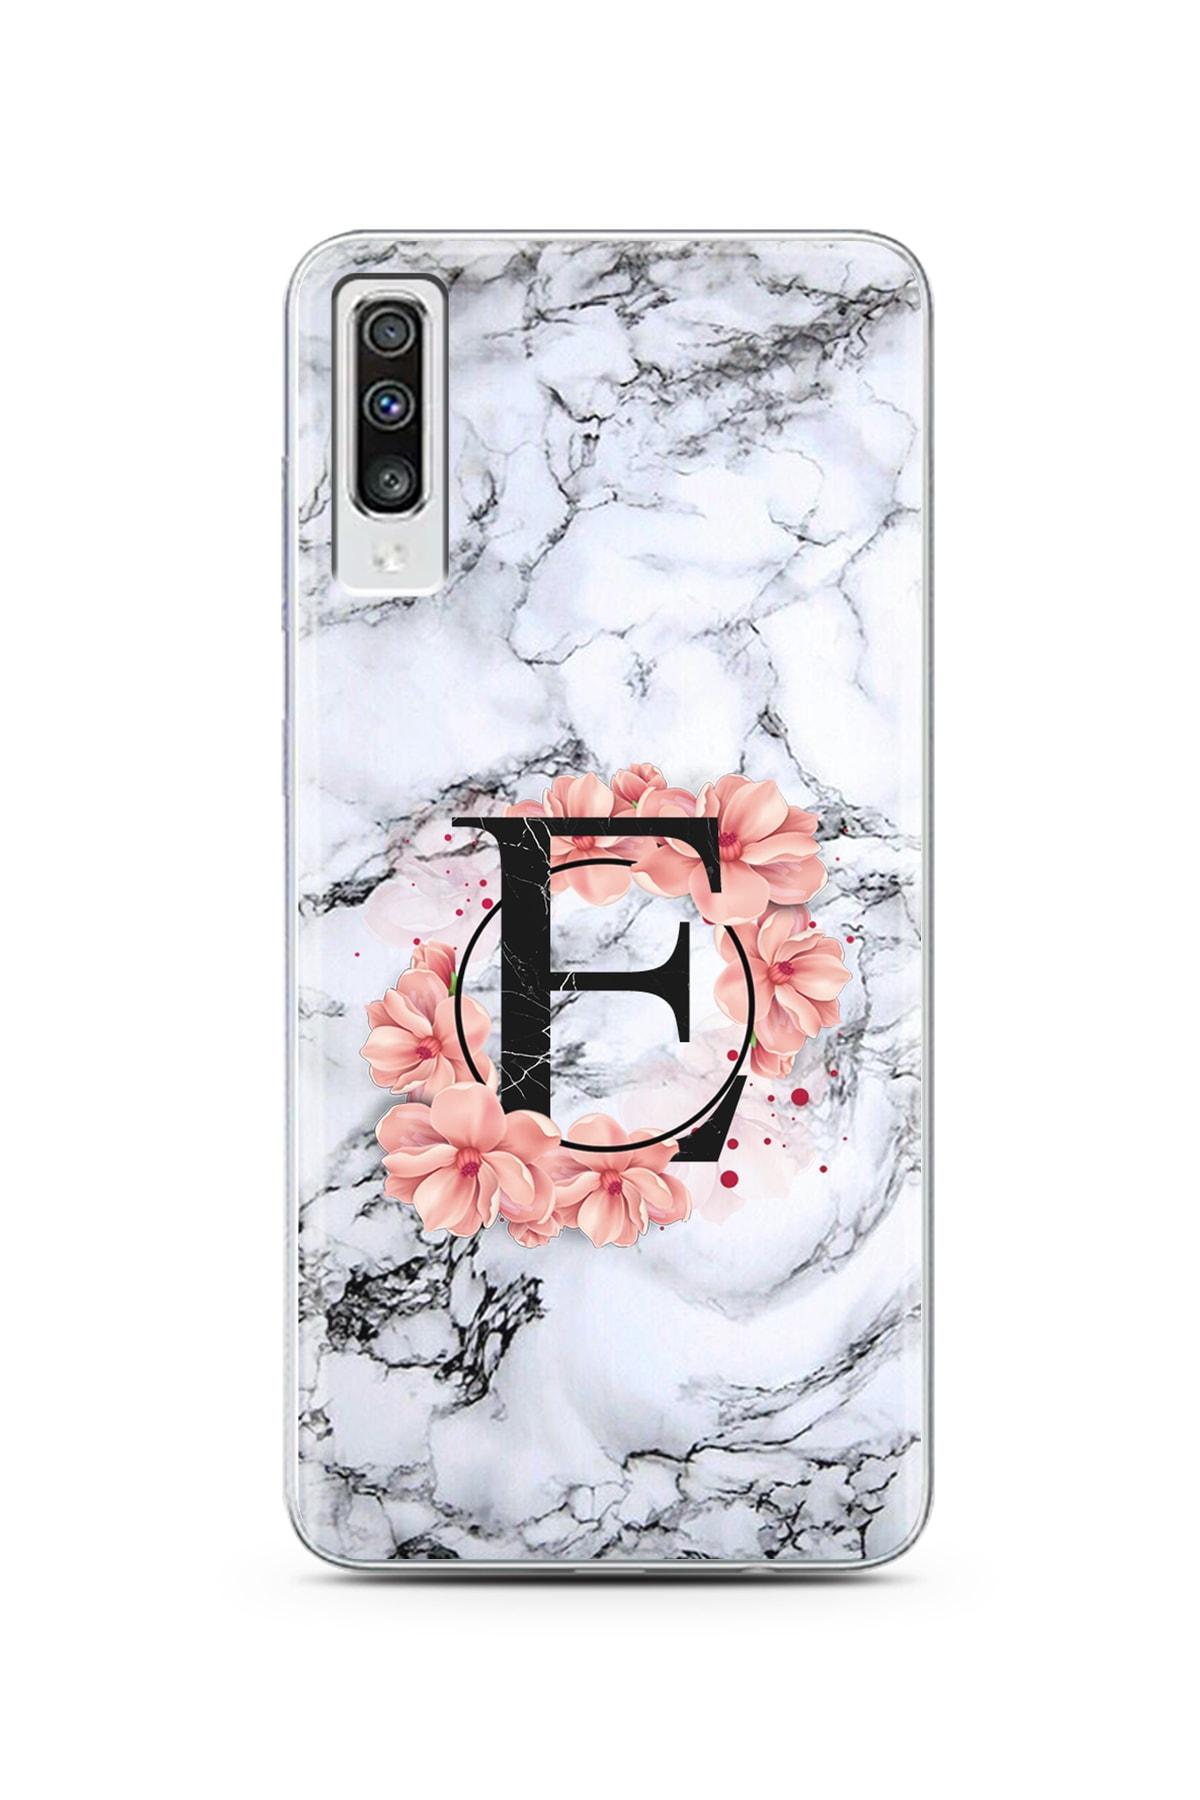 Spoyi Samsung A70 Mermer Çiçekli E Harf Tasarım Süper Şeffaf Silikon Telefon Kılıfı 1